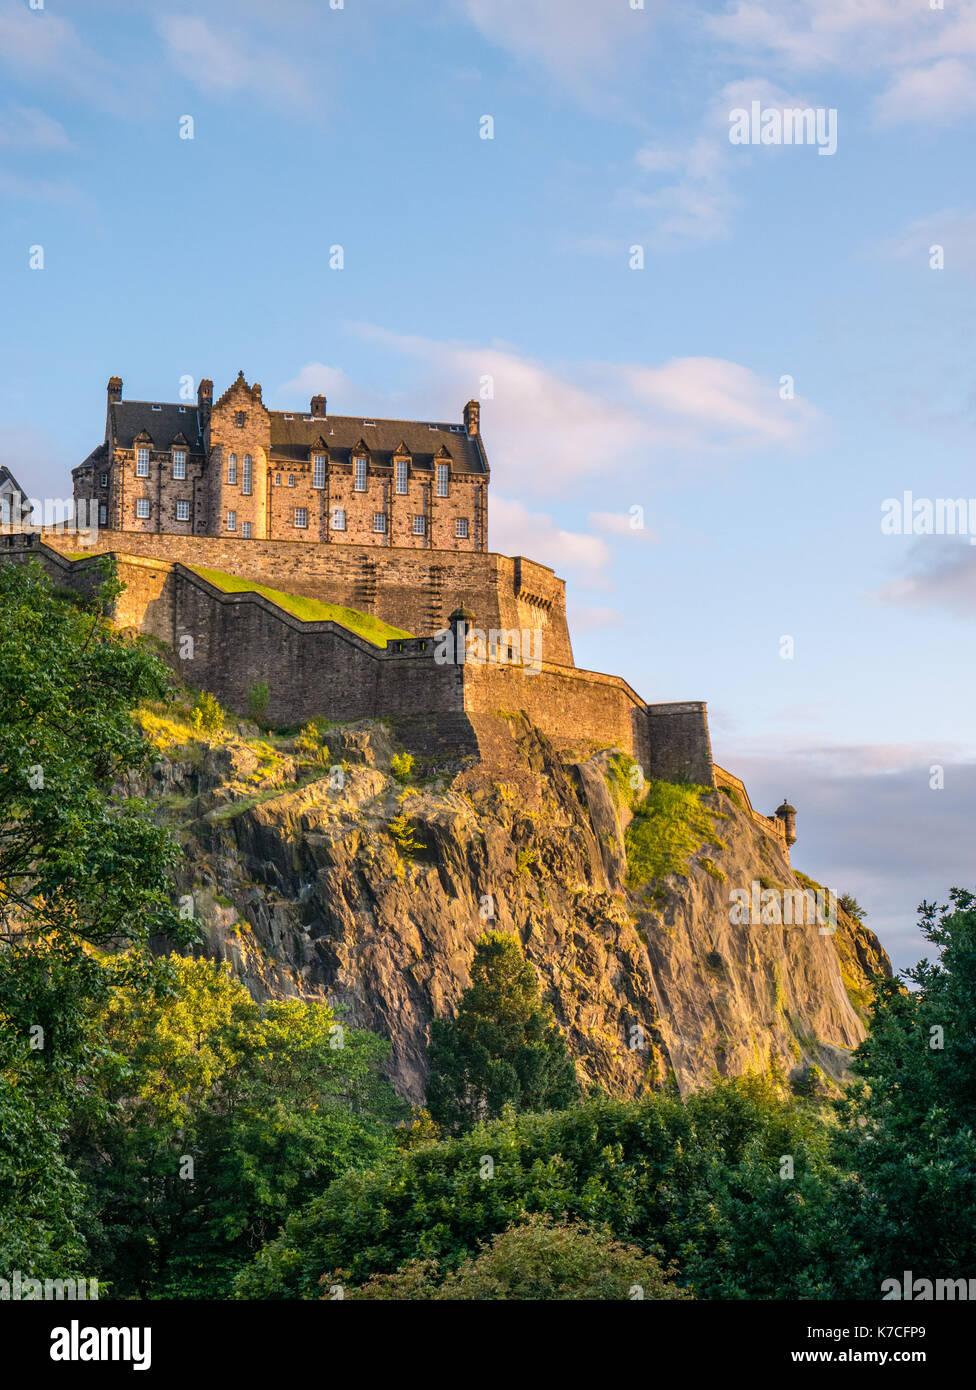 Sonnenuntergang, Edinburgh Castle, gesehen von der Princes Street Gardens und Edinburgh Castle, Castle Rock, Edinburgh, Schottland, UK, GB. Stockbild